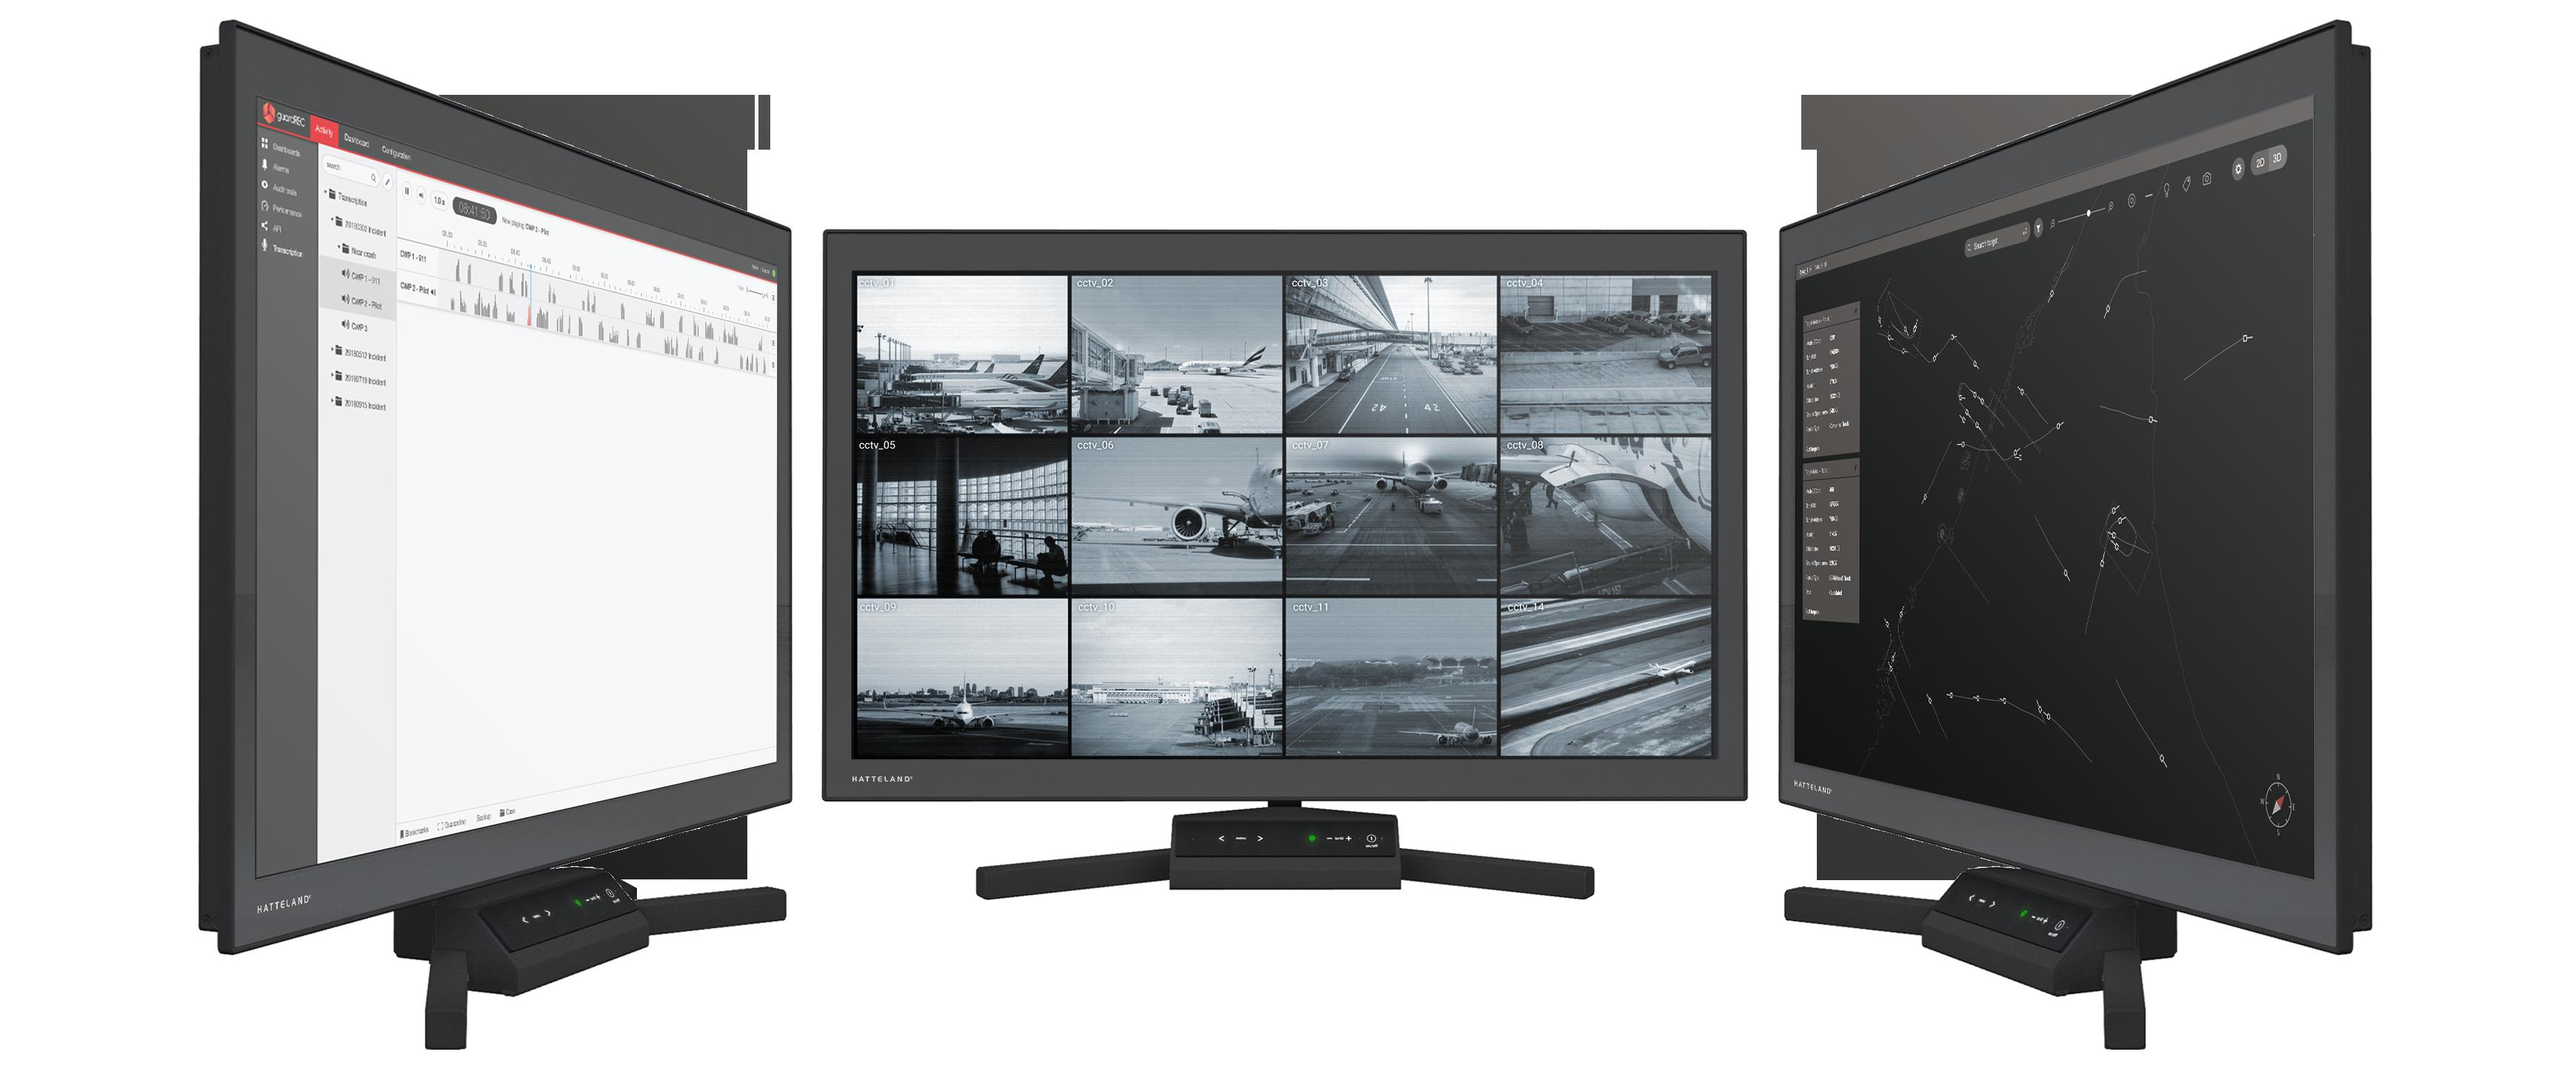 GuardREC-ATC-Recording-Solution-Monitors